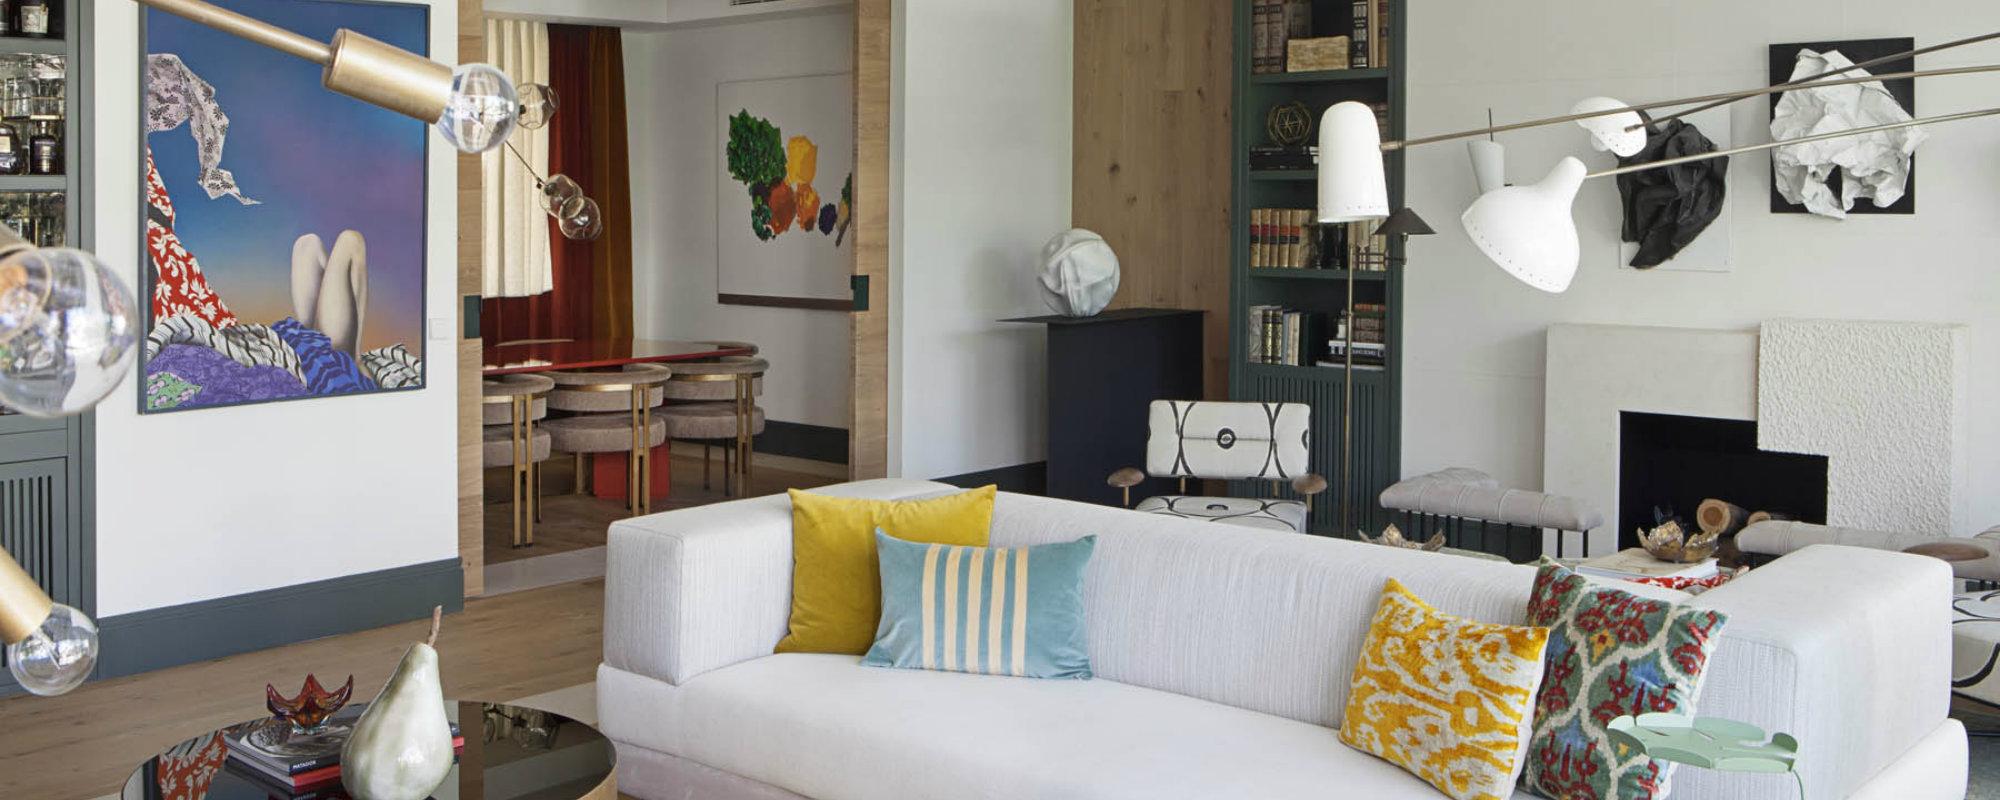 Marta de la Rica: Diseño de Interiores elegante con proyectos perfectos en Madrid marta de la rica Marta de la Rica: Diseño de Interiores elegante con proyectos perfectos en Madrid Featured 8